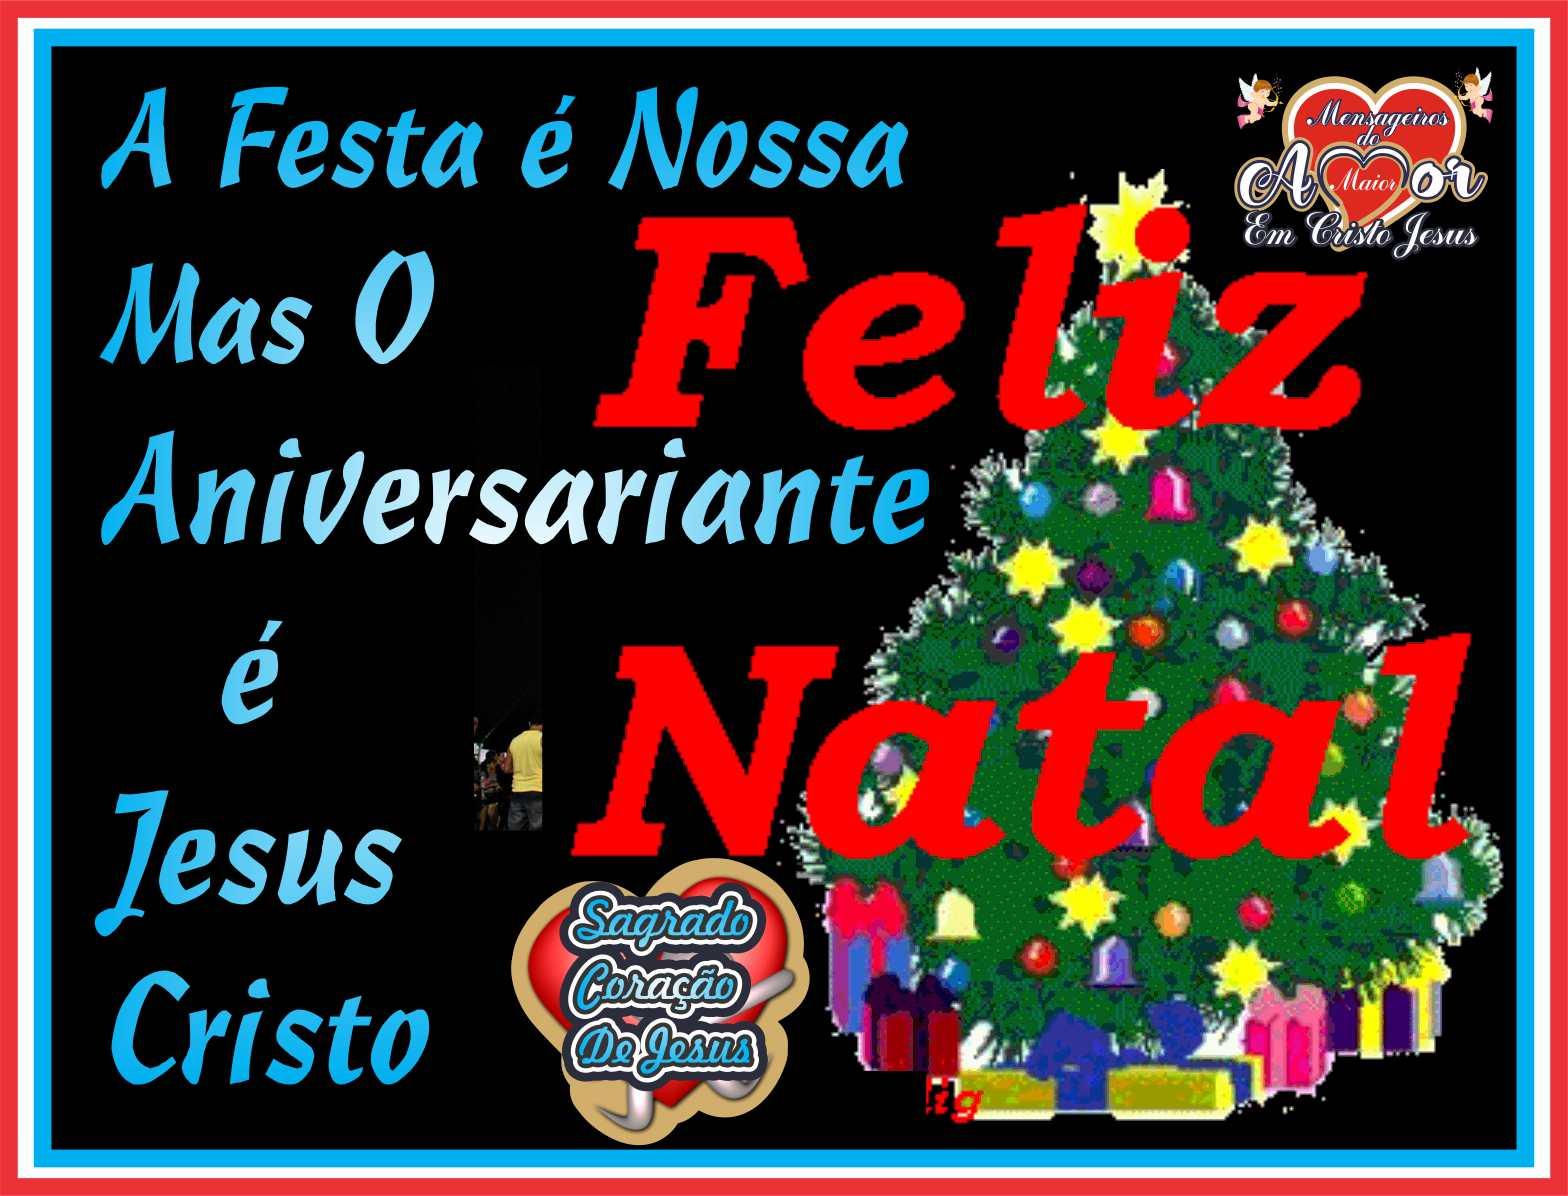 A Festa é Nossa, Mas O Aniversariante é Jesus Cristo Nosso Eterno Senhor